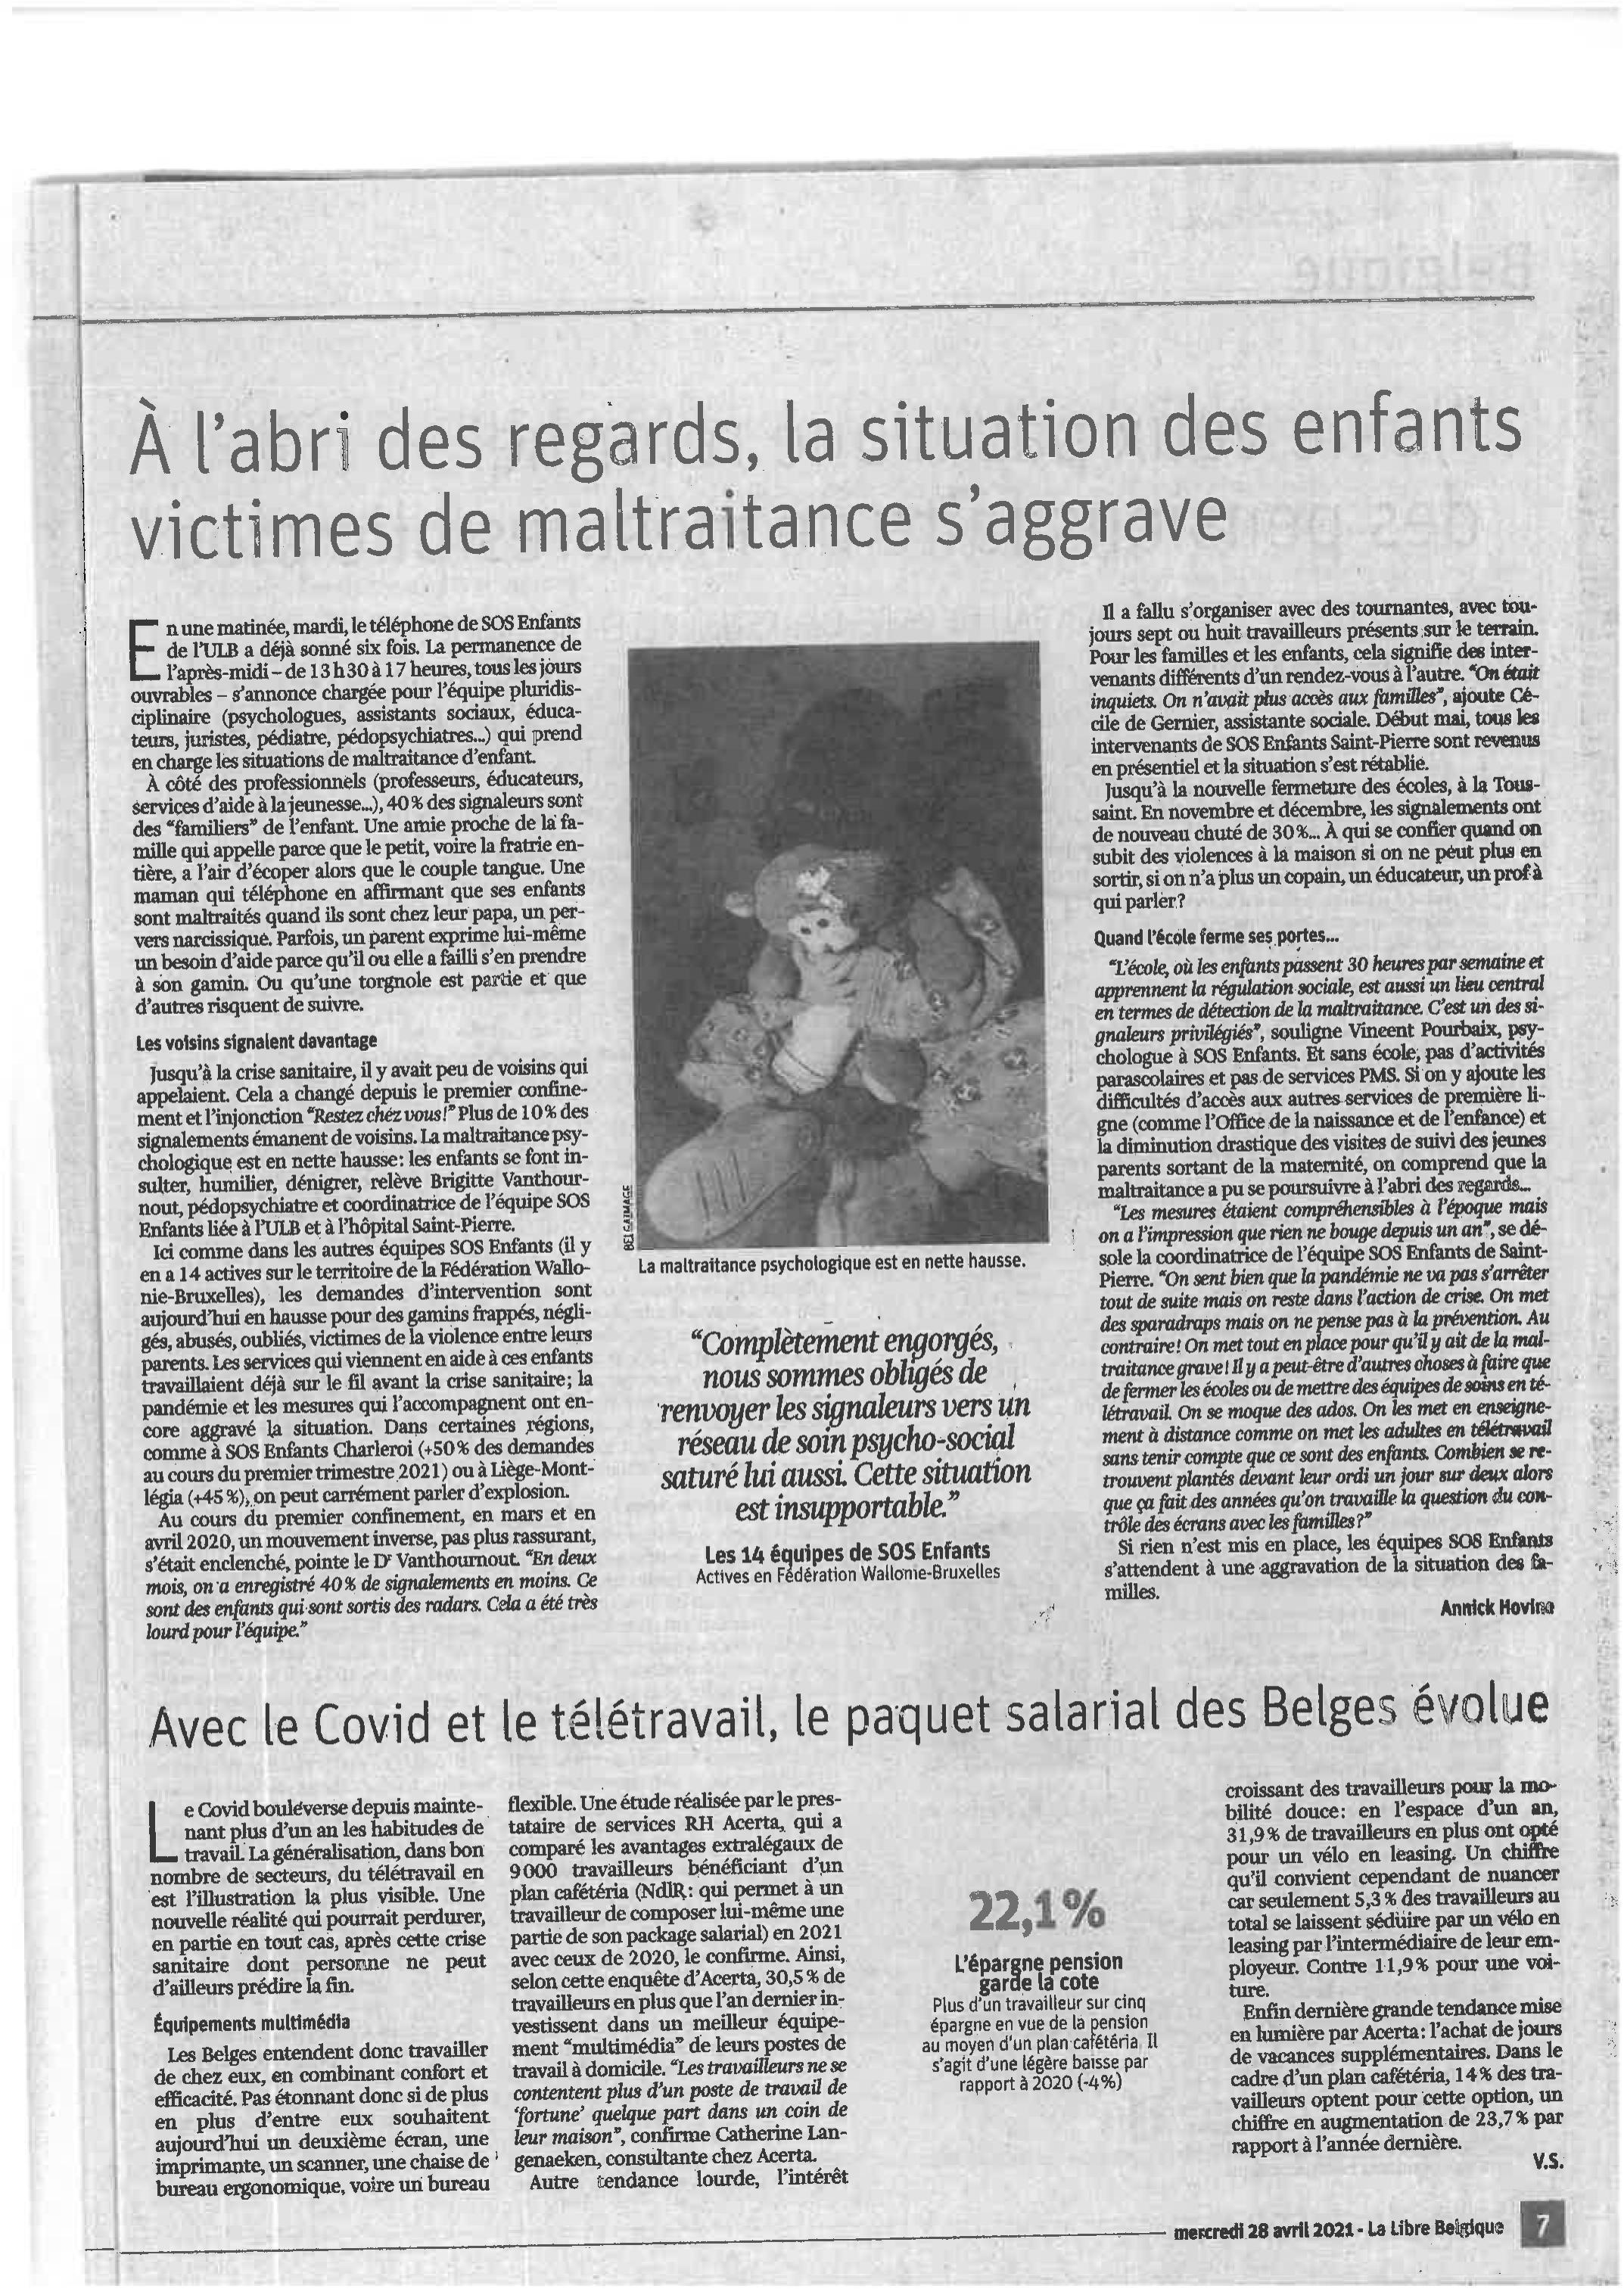 Lu dans la Libre Belgique du 28/4/2021.